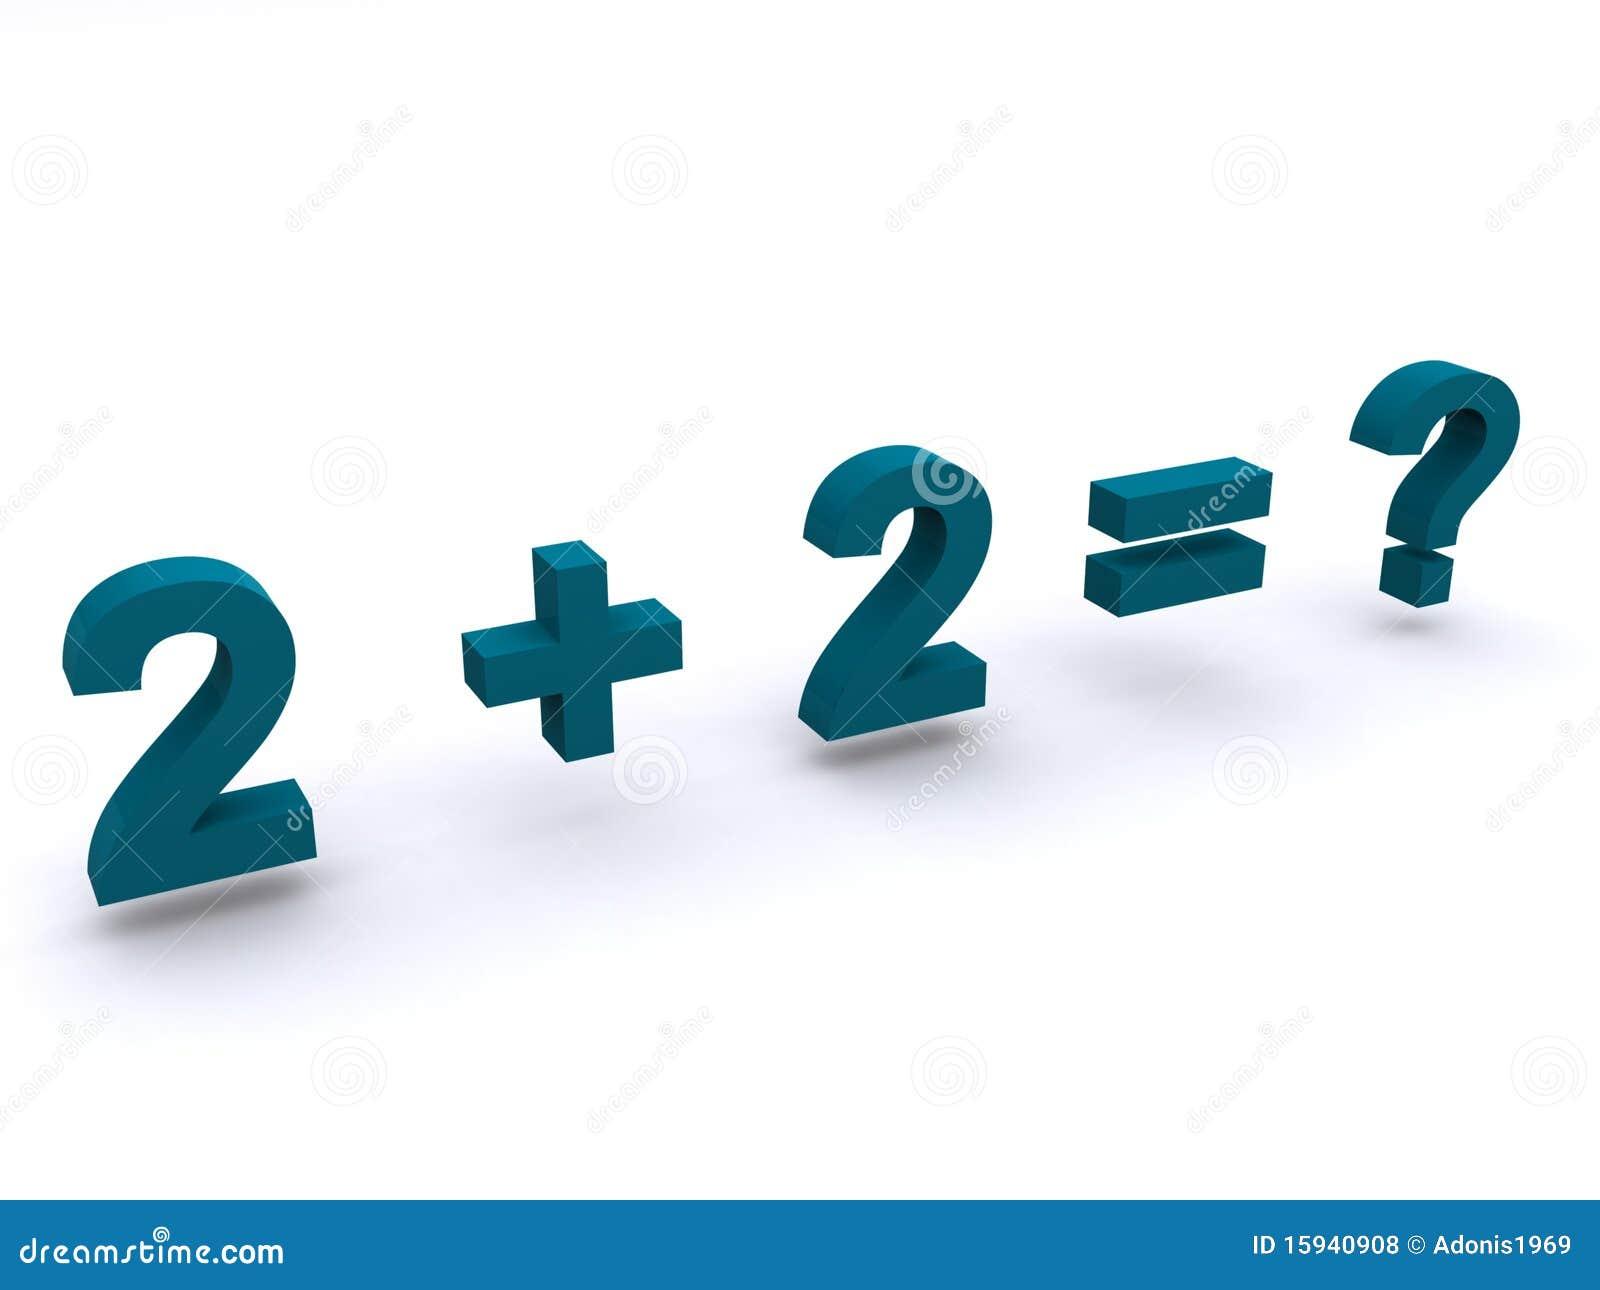 添加算术简单的总和